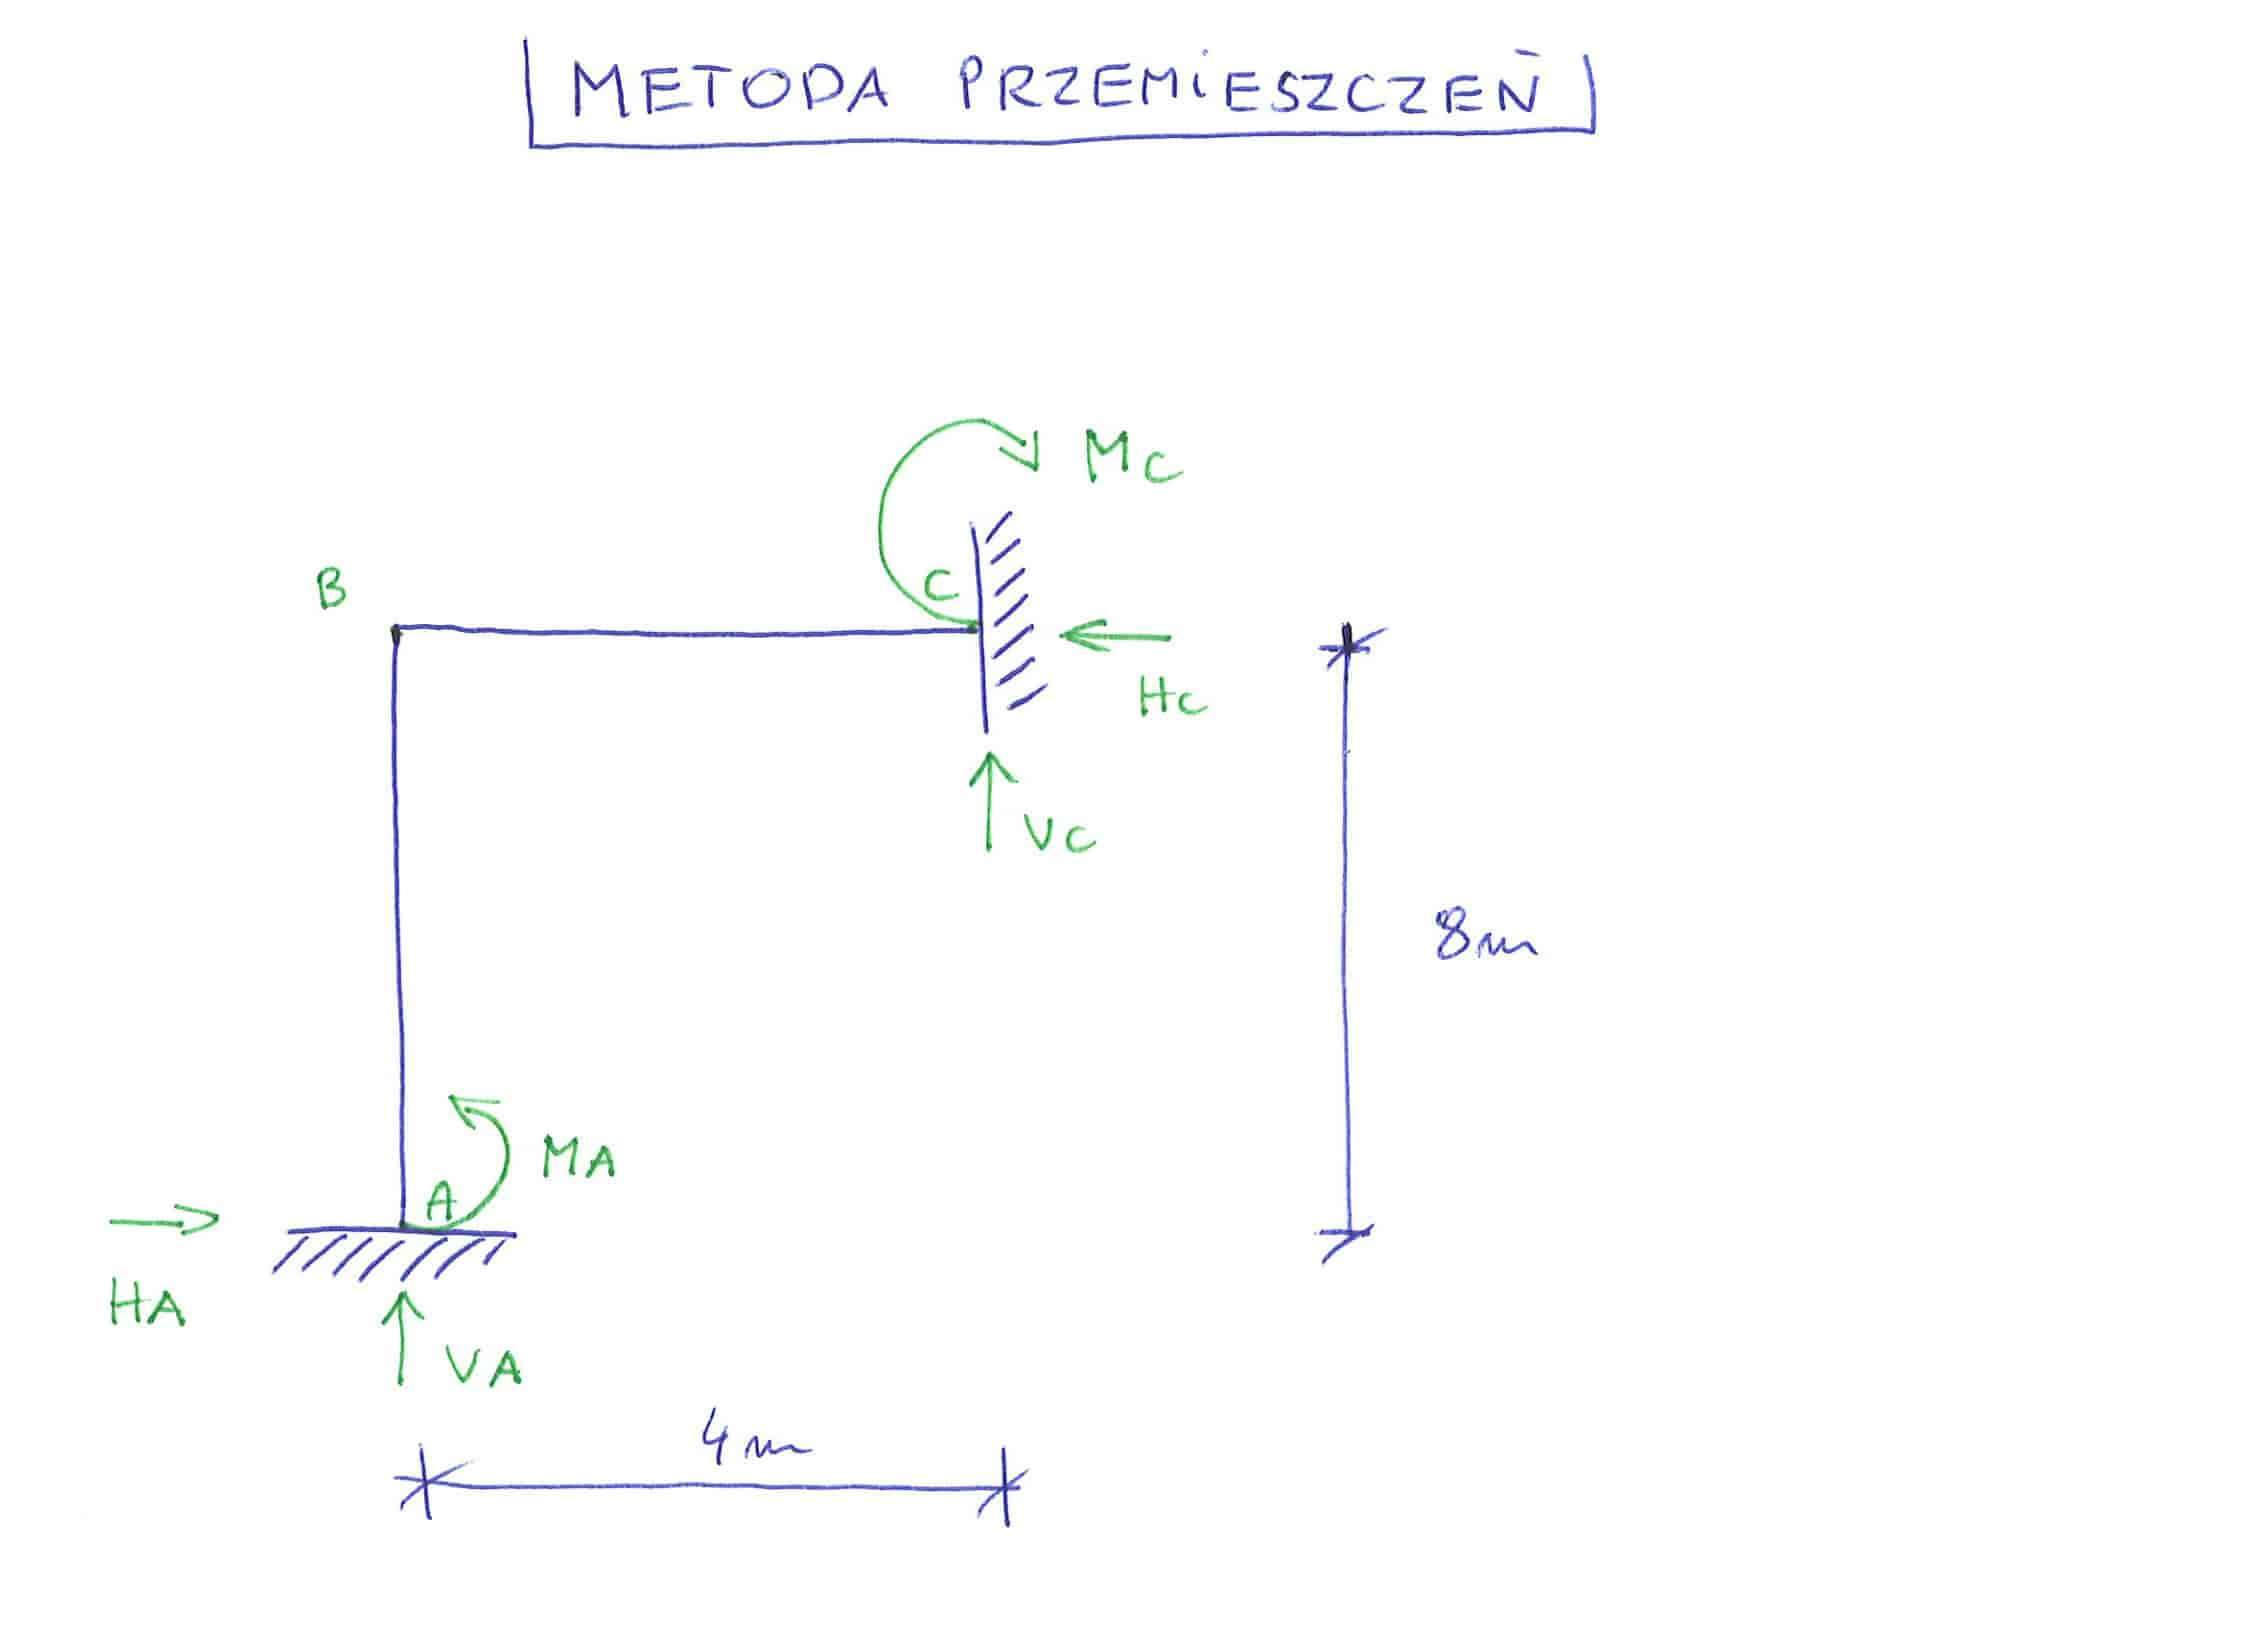 Metoda Przemieszczeń - jak przyjąć układ podstawowy?